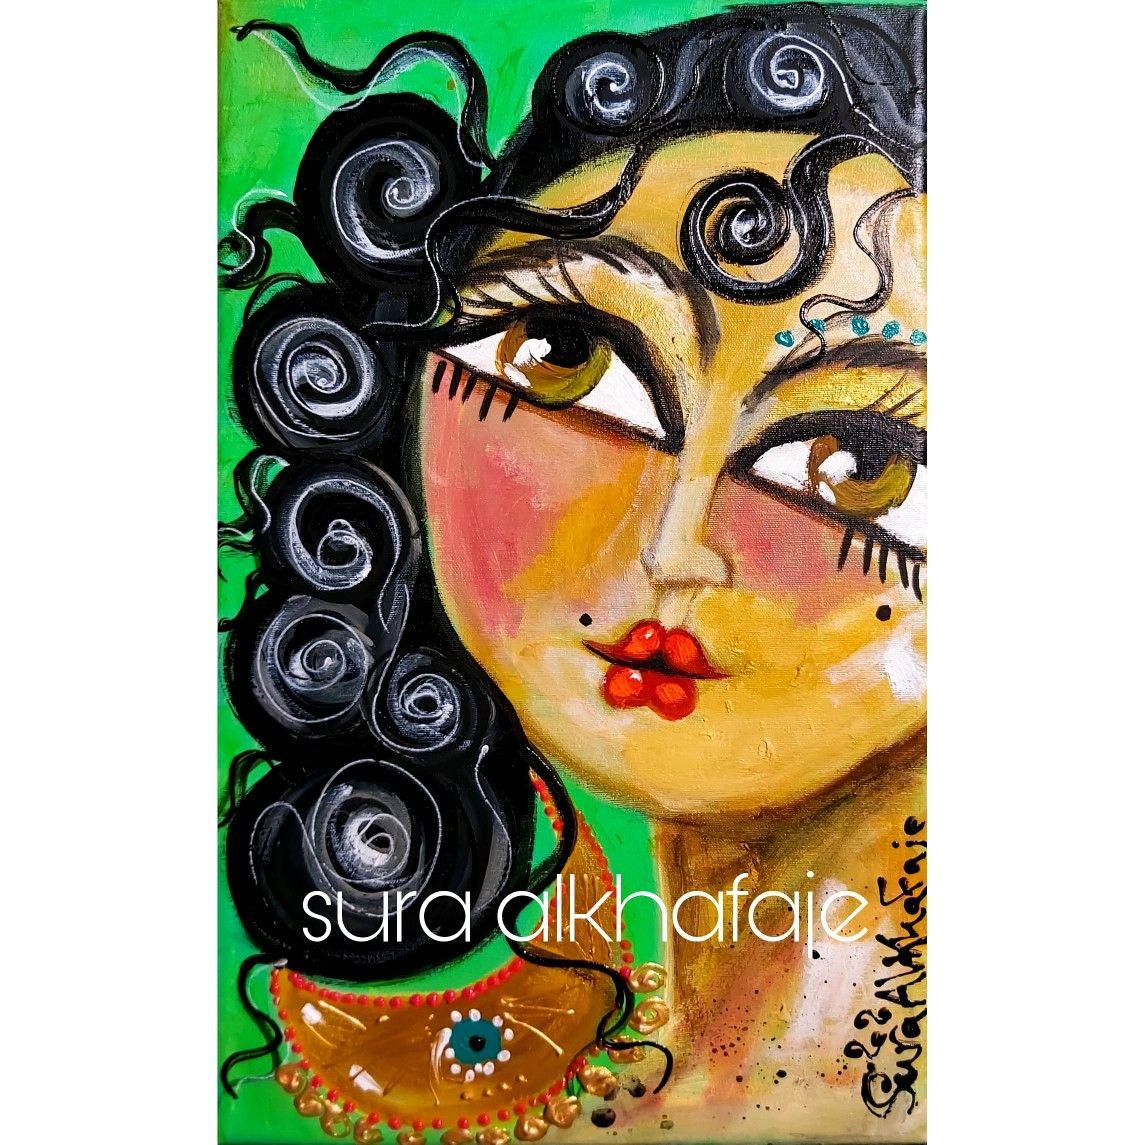 رمانة لوحة حجم صغير Acrylic On Canvas سرى الخفاجي لوحات فن تشكيلي عراقي بغداد رمانة Erbi Painting Acrylic Painting Art